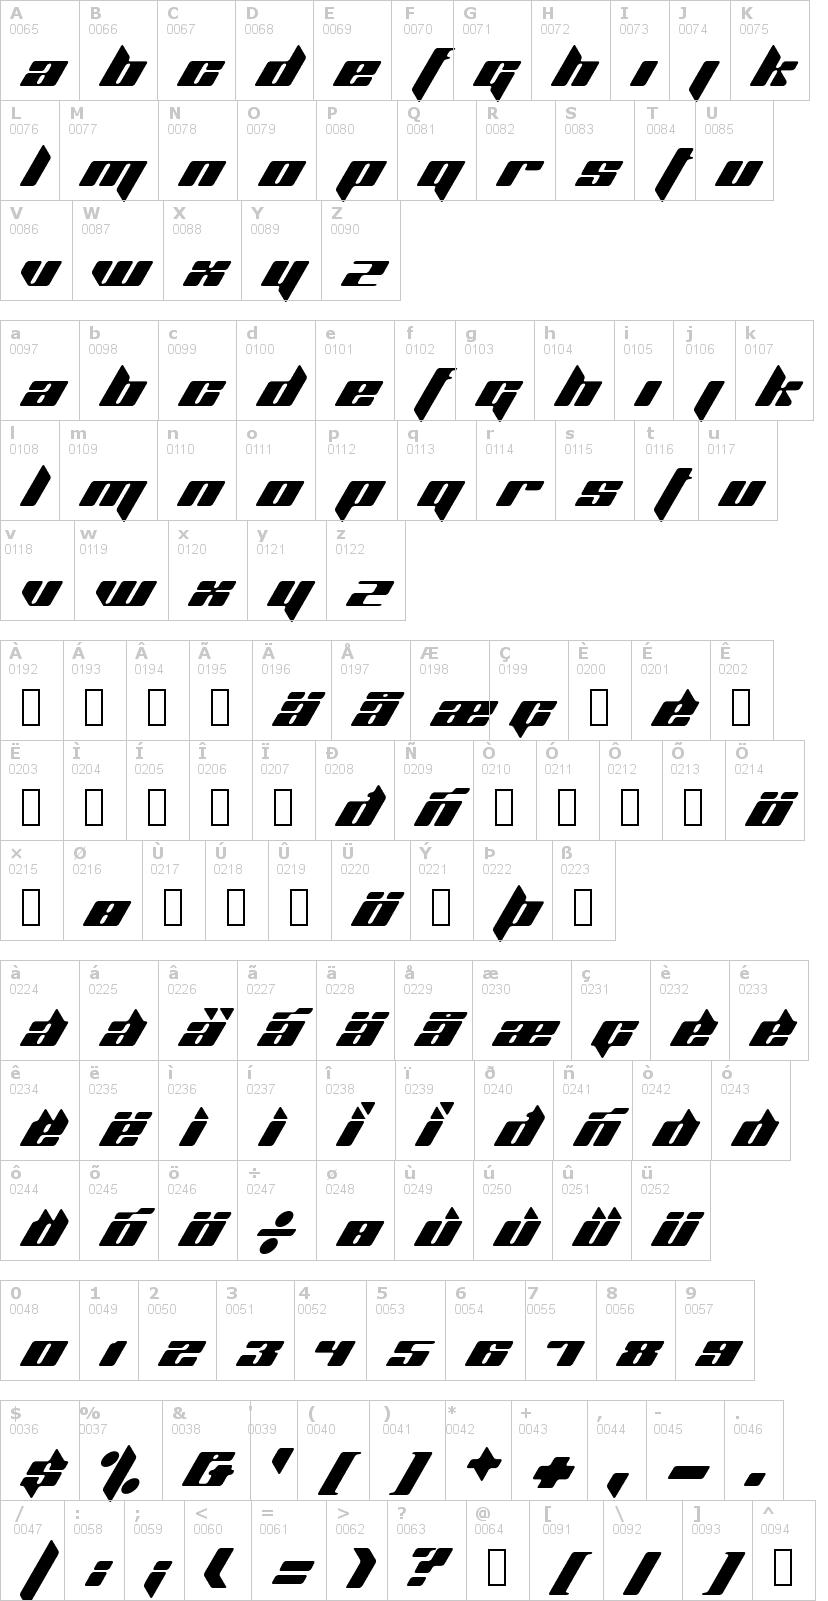 Lettere dell'alfabeto del font planet-kosmos con le quali è possibile realizzare adesivi prespaziati